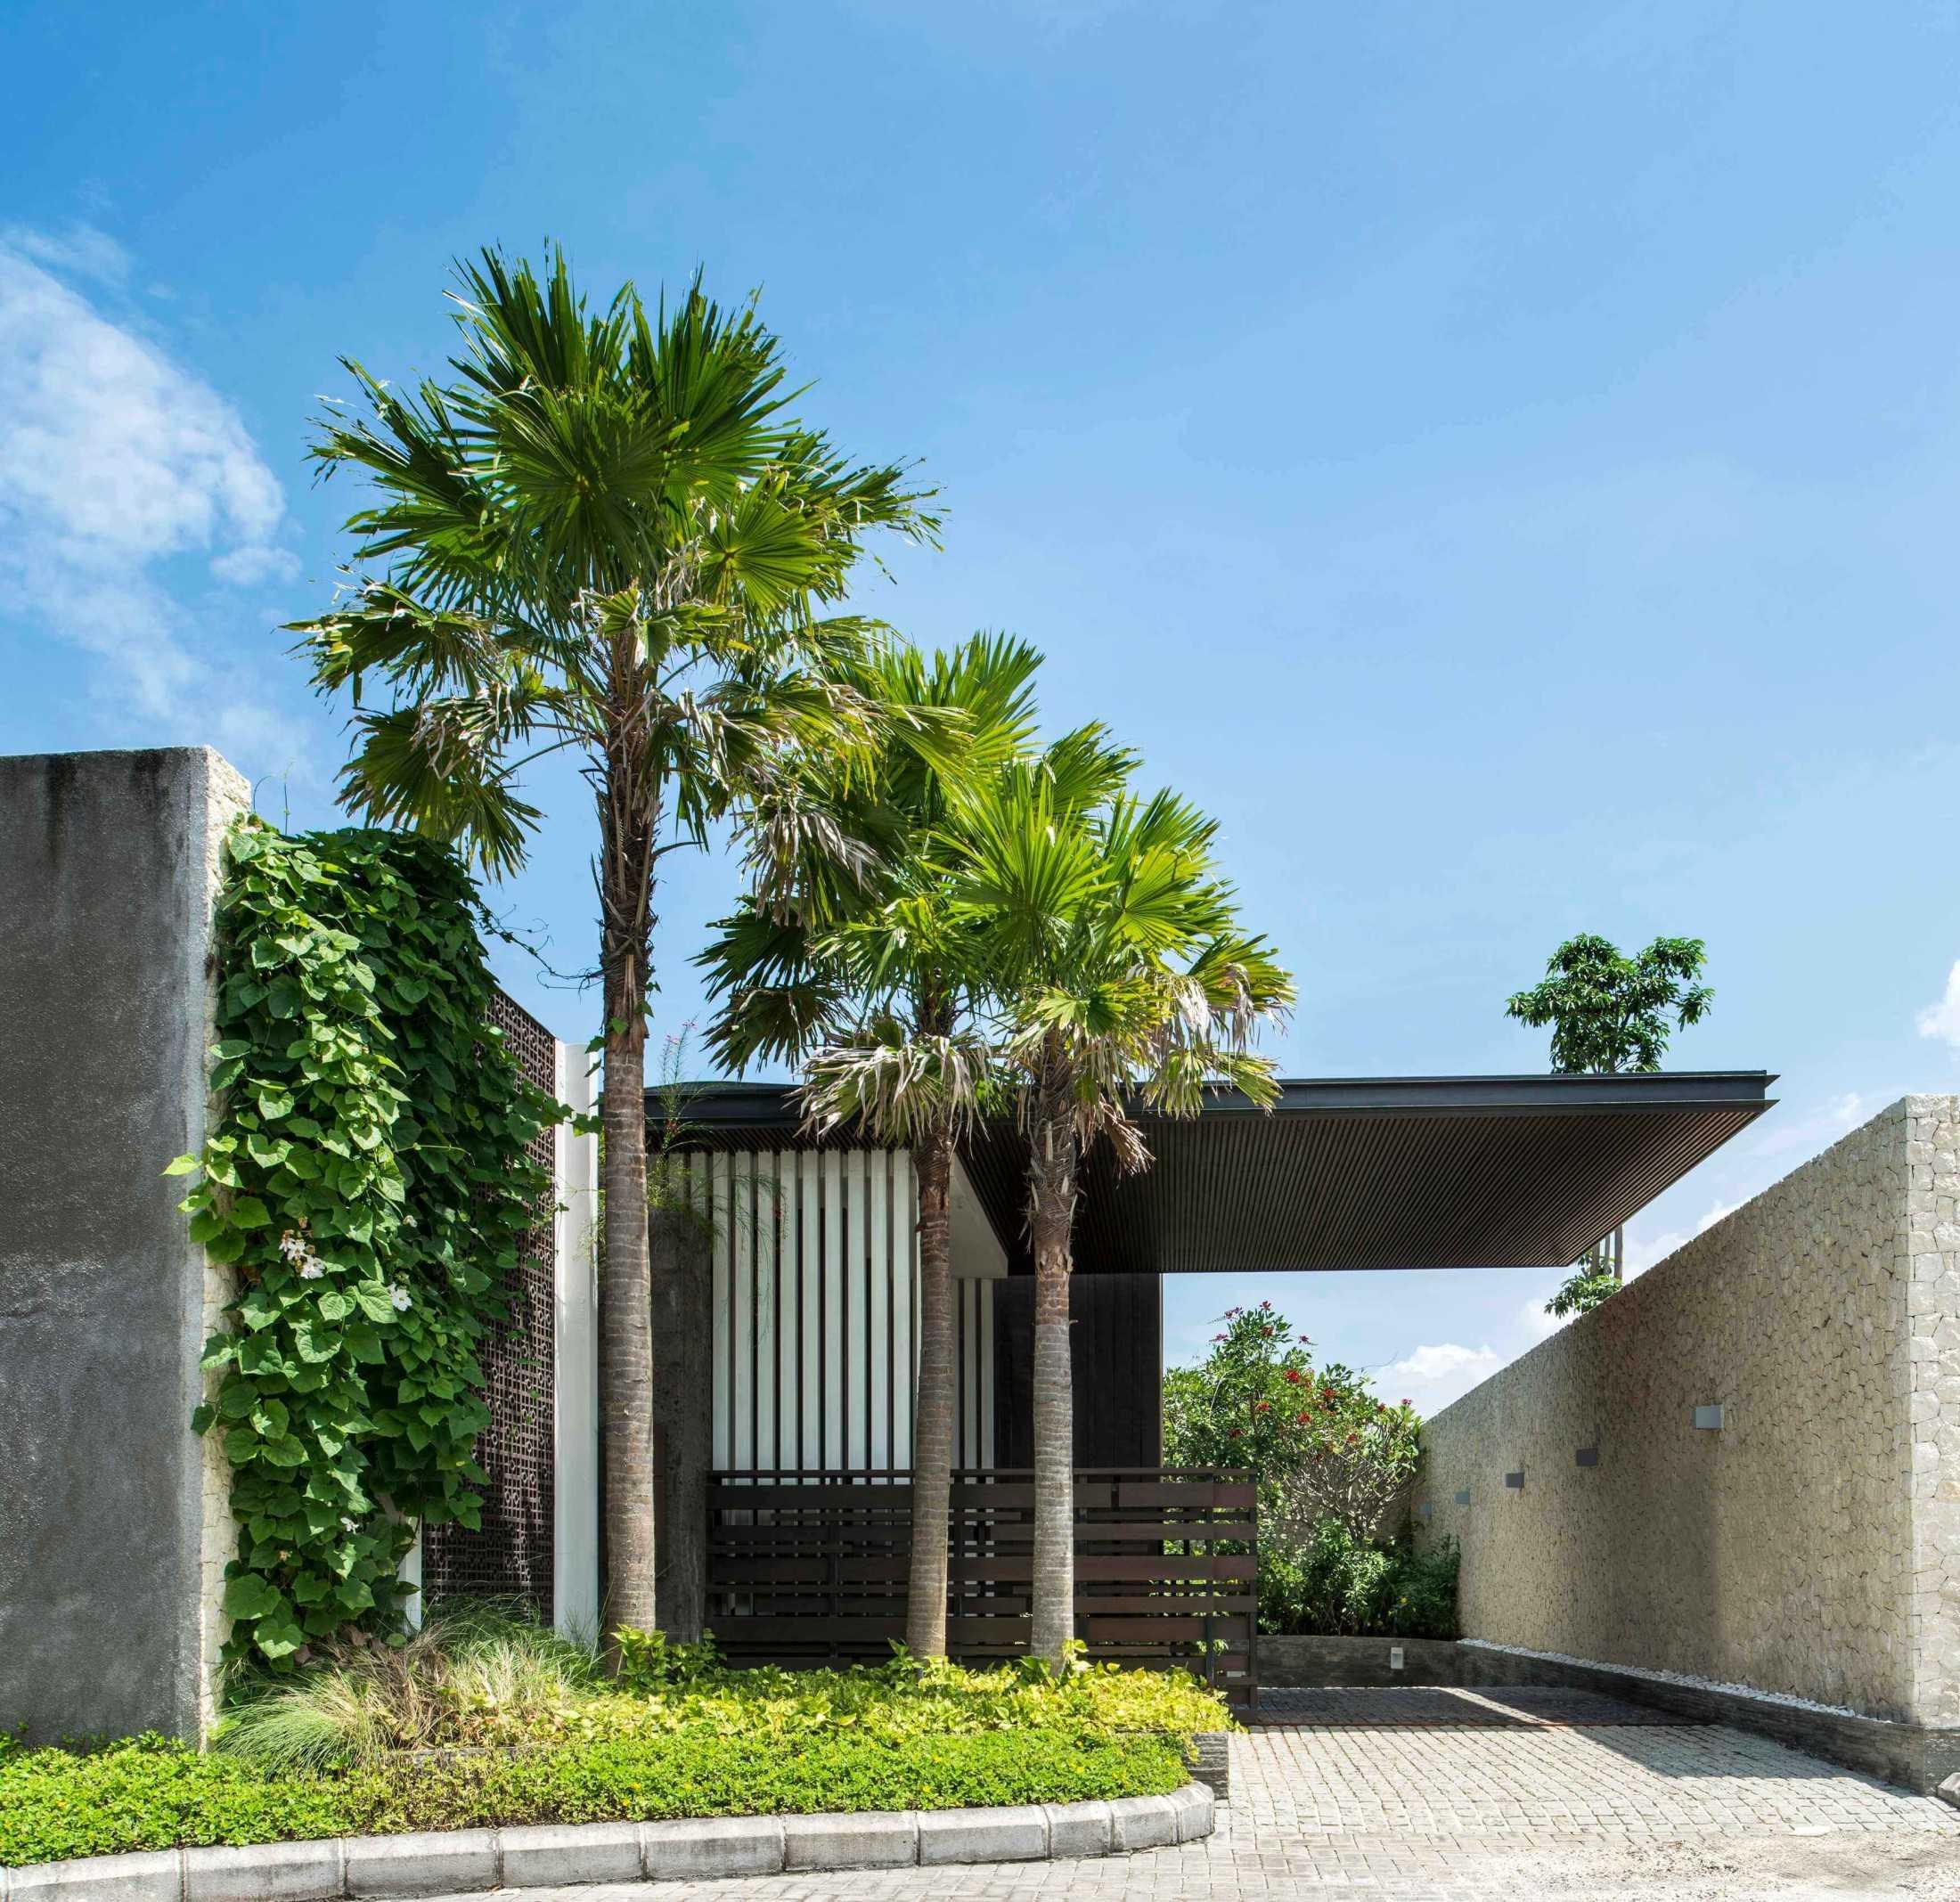 Kanopi kantilever di Villa WRK yang dibangun tahun 2011-2014 (Sumber: arsitag.com)